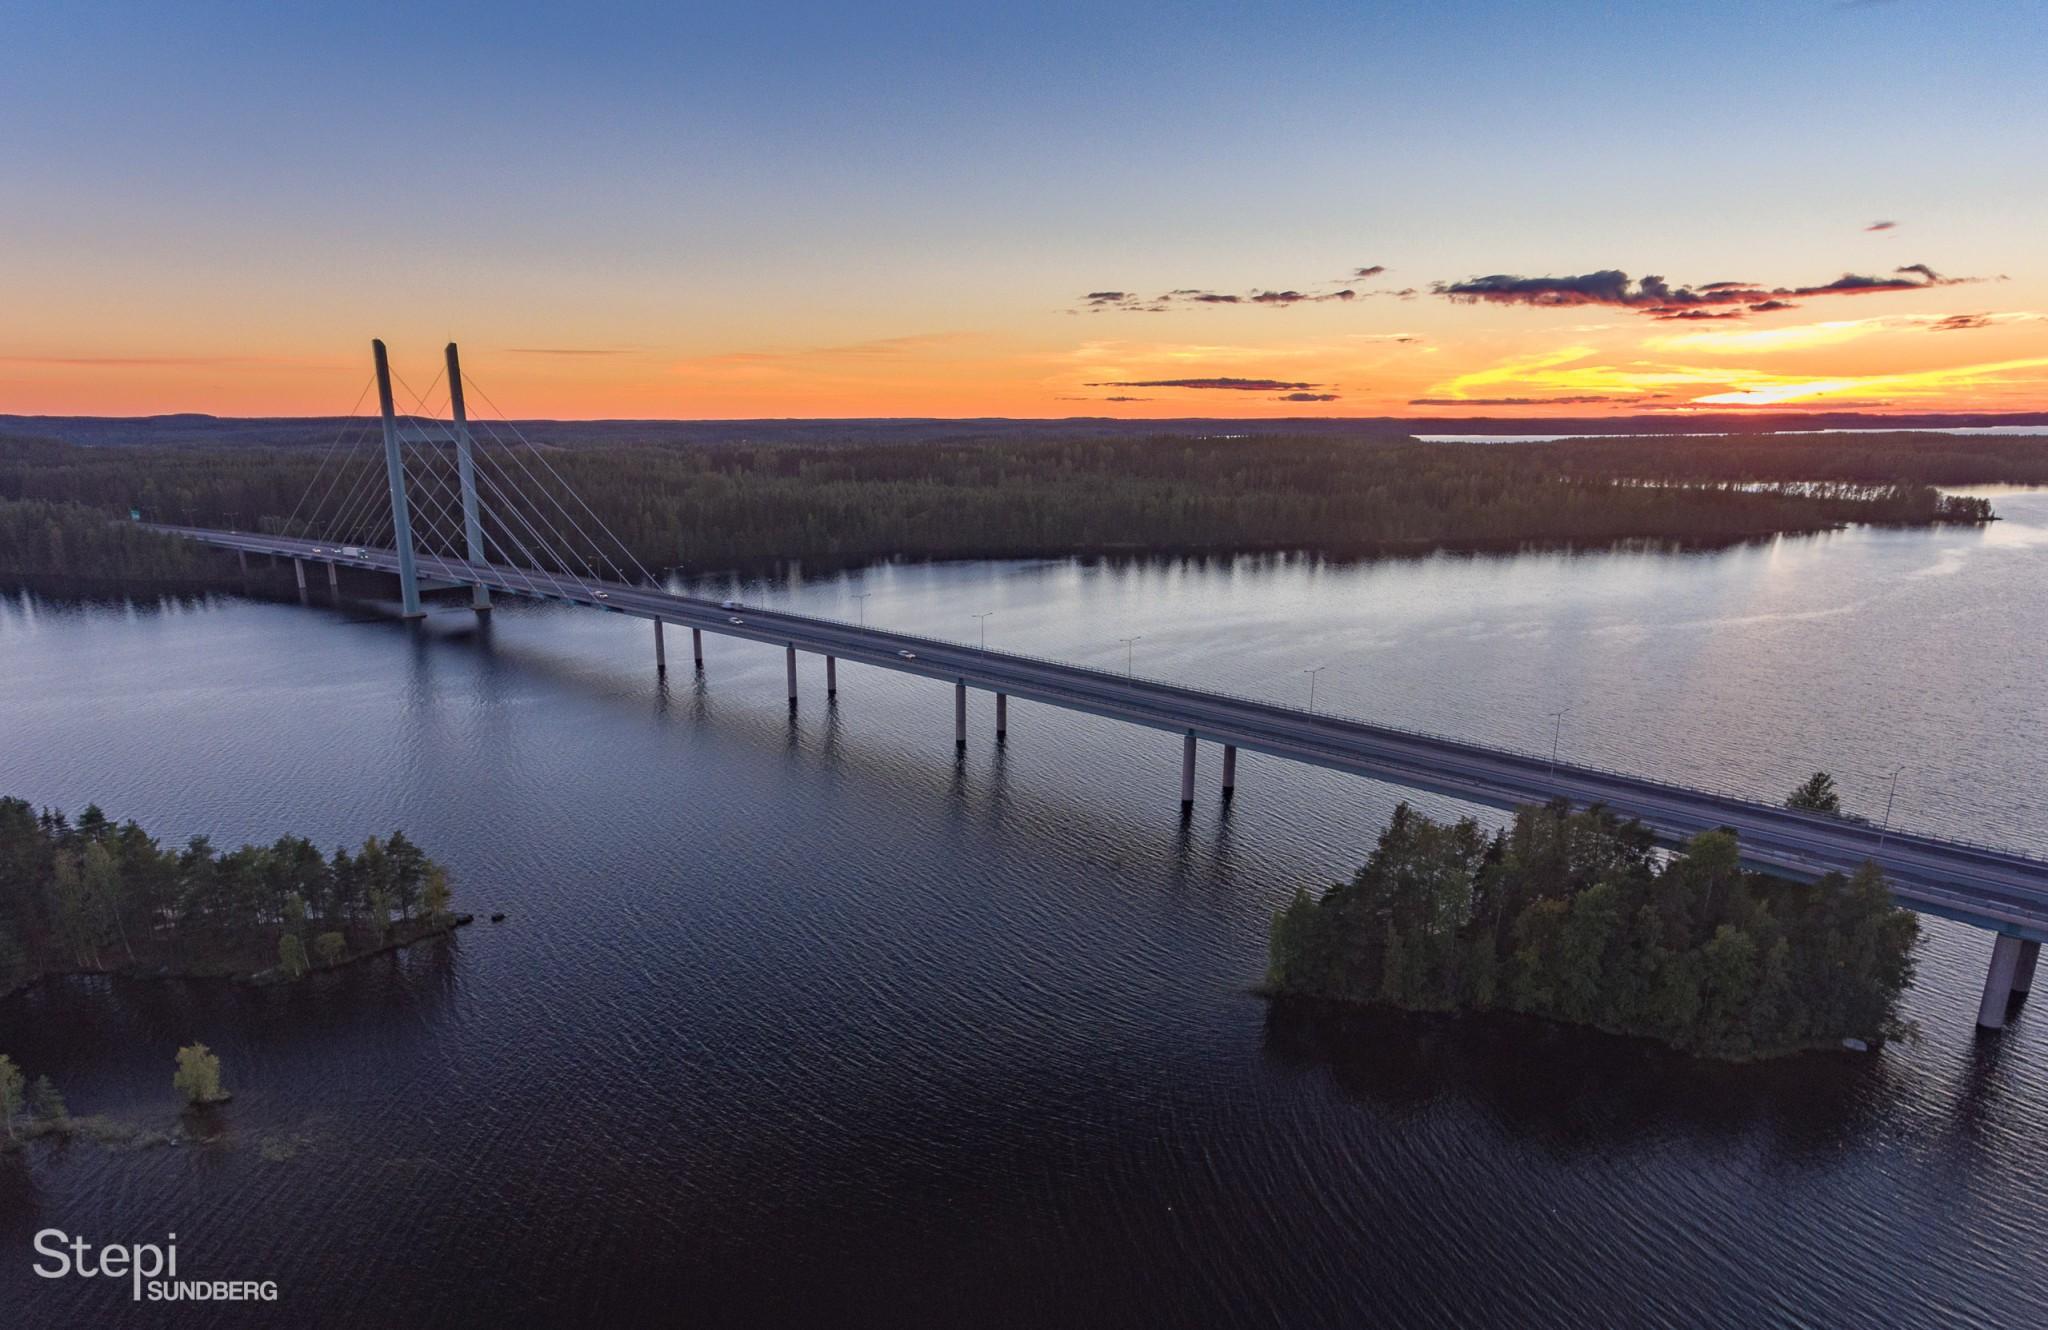 Ilmakuva Tähtiniemen silta, Valokuvaaja Stepi Sundberg